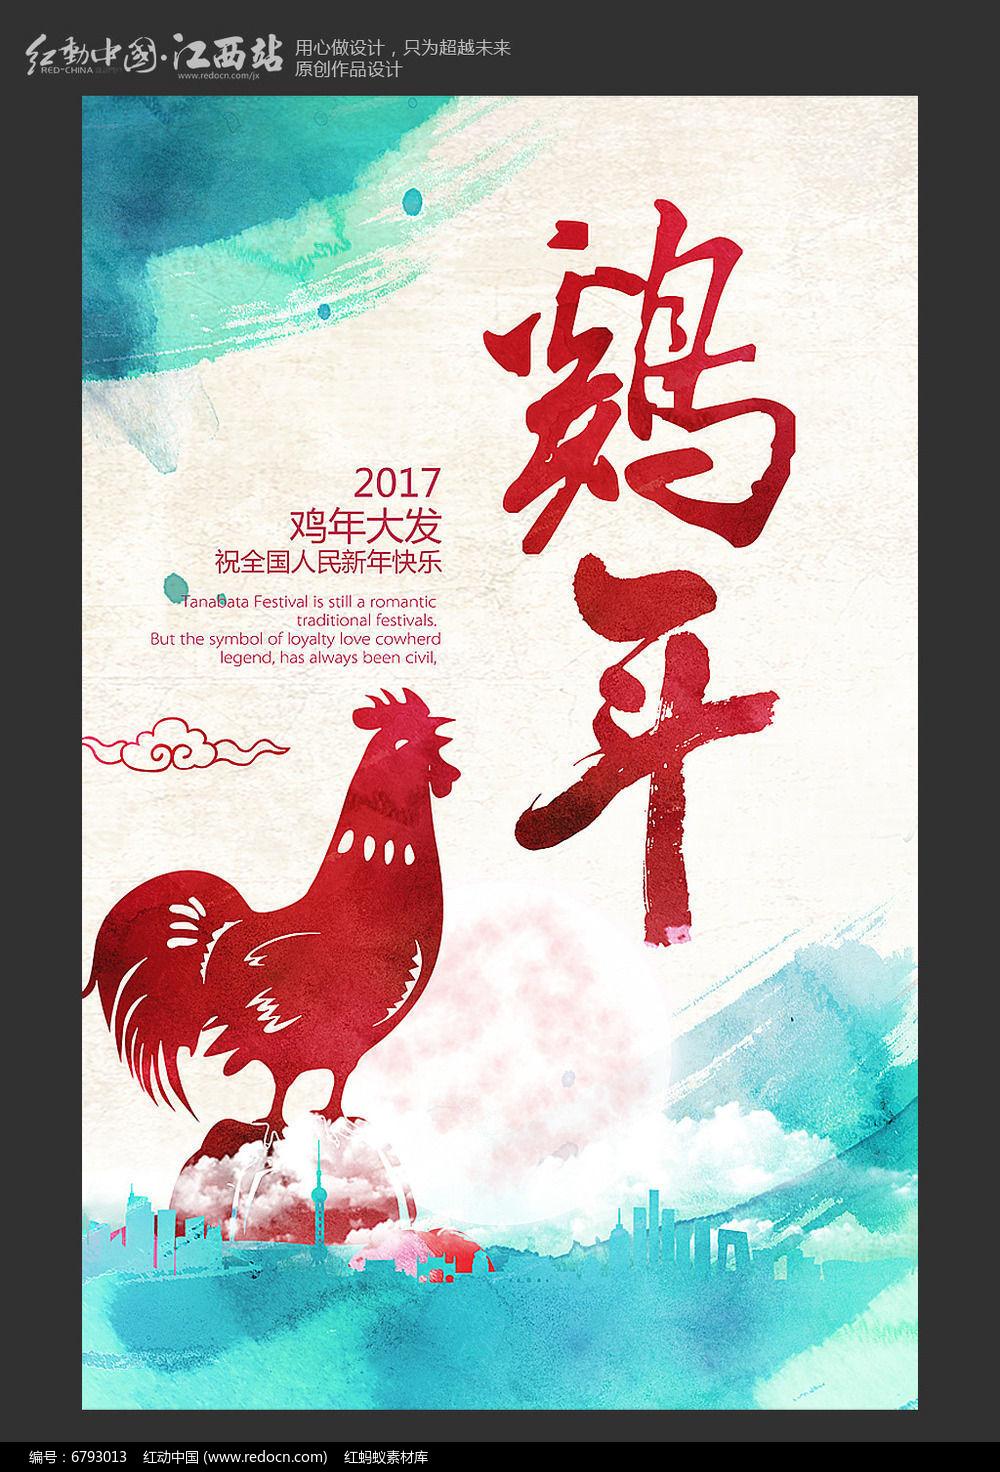 创意鸡年海报设计模板